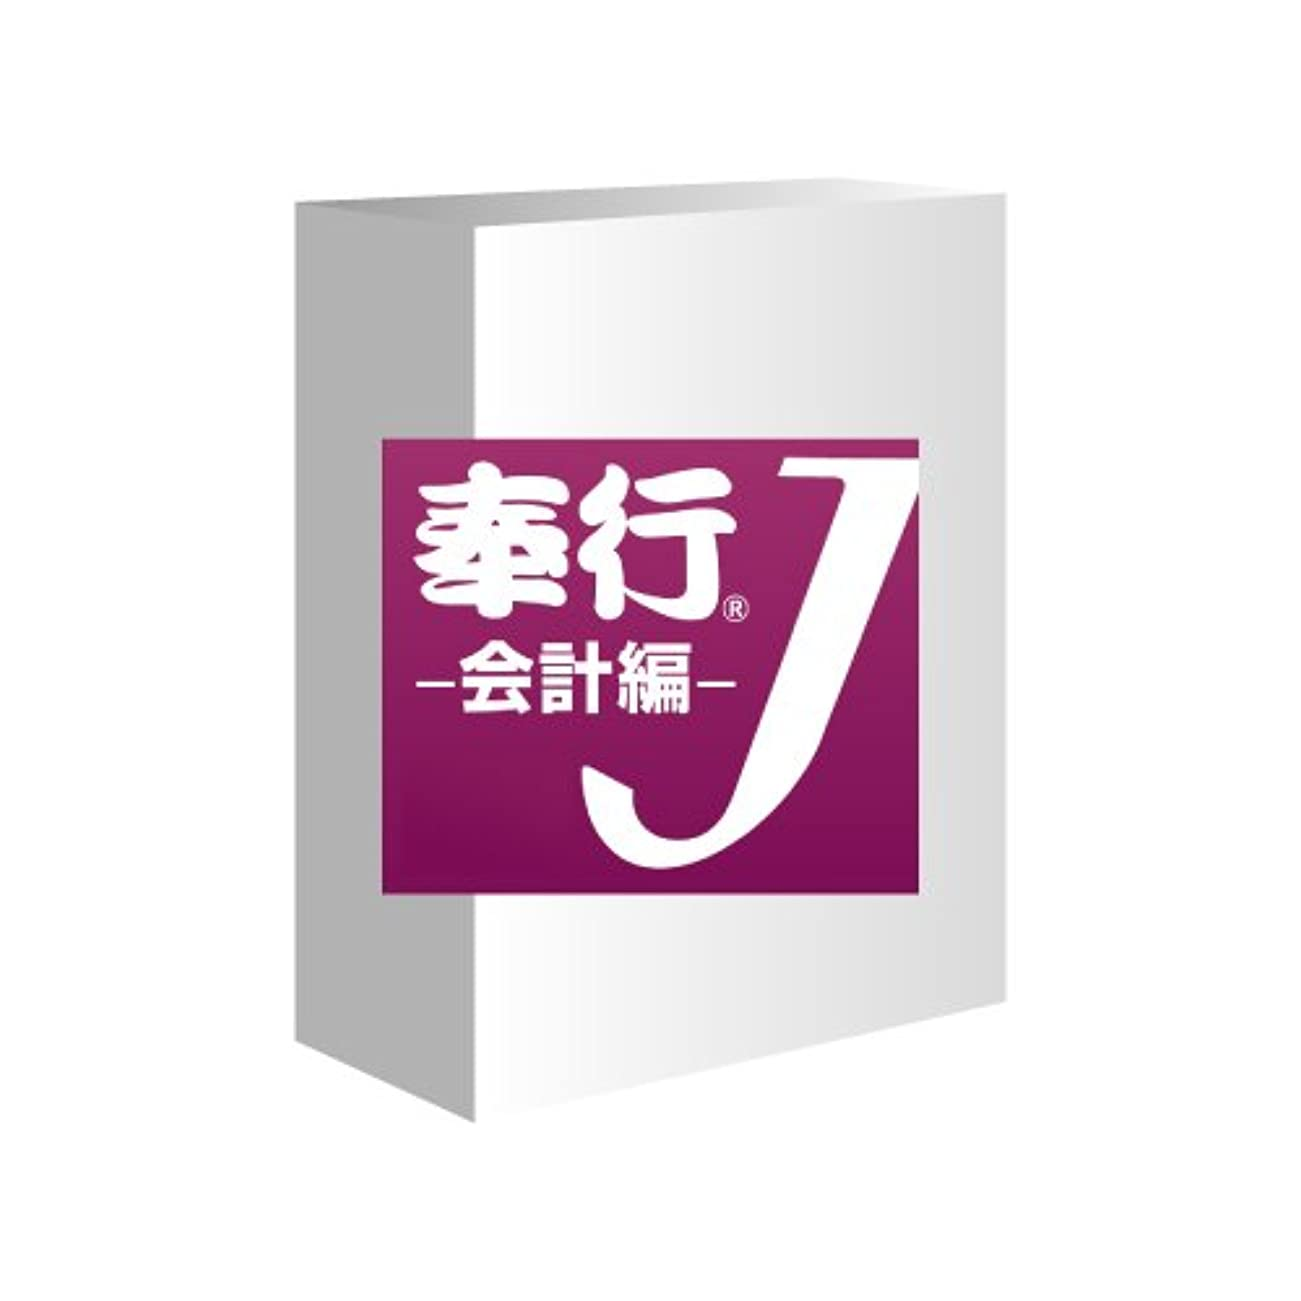 闘争トランスペアレント有名人OBC 奉行J -会計編- 【オービックビジネスコンサルタント】